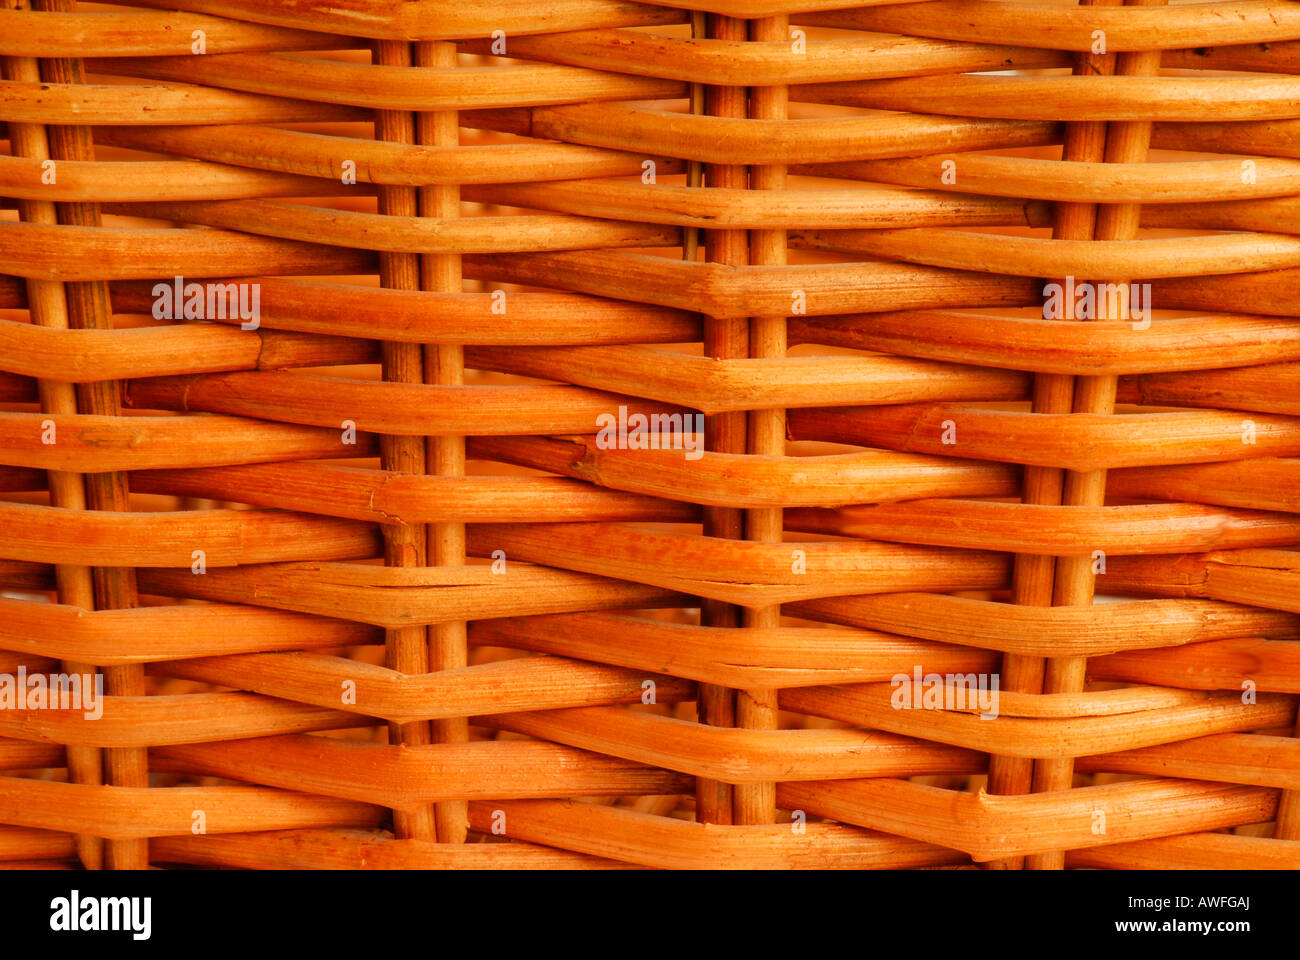 Wicker basket - Stock Image